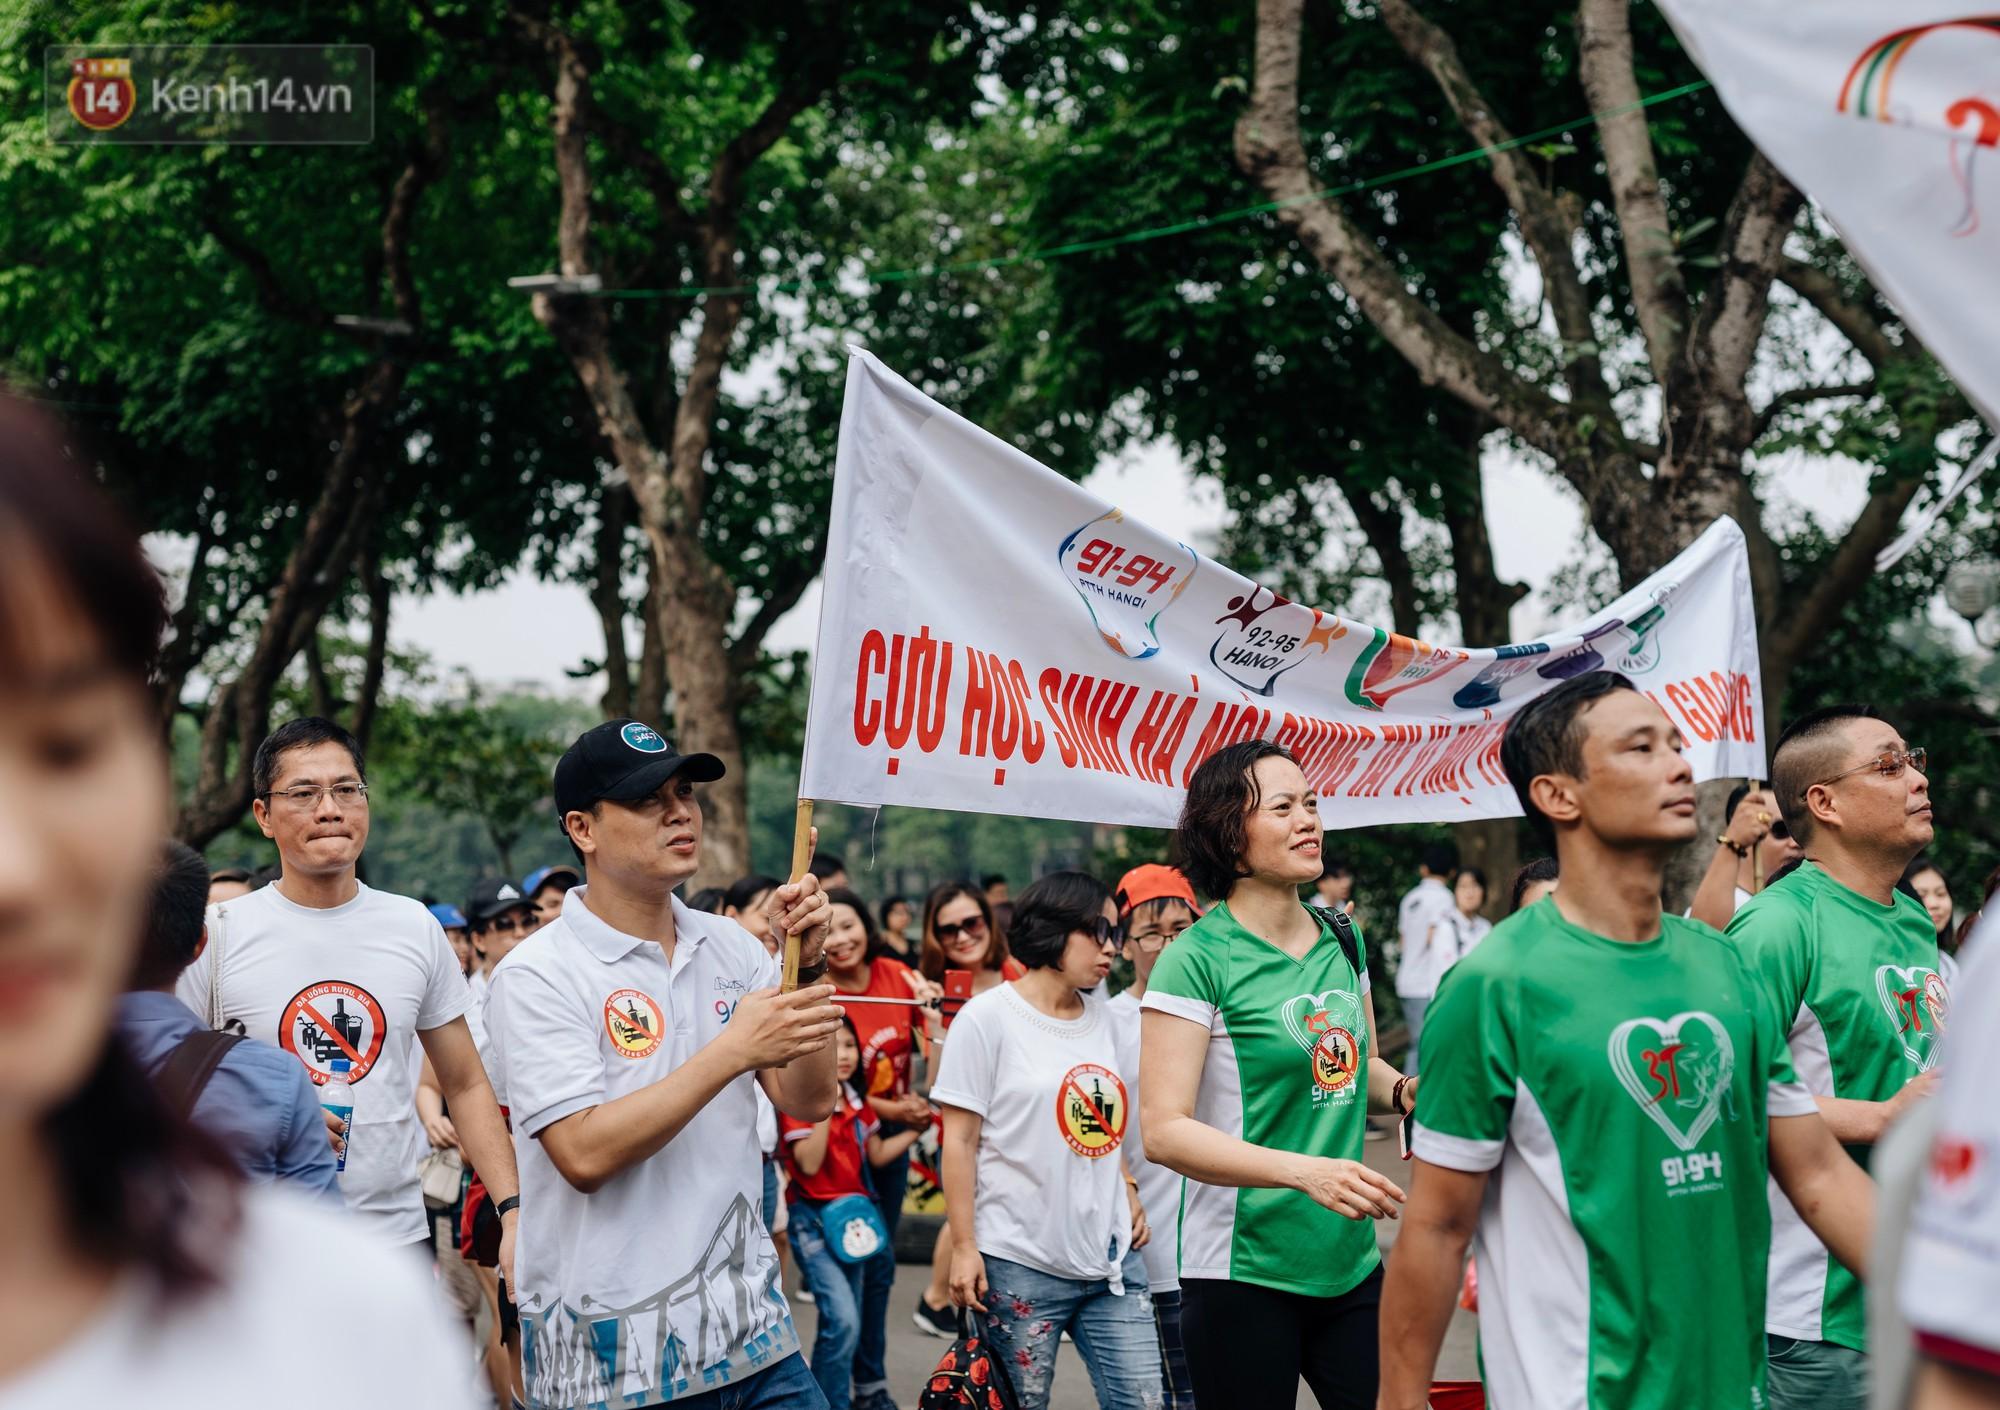 Chùm ảnh: 8.000 người mang logo Đã uống rượu bia - Không lái xe cùng tuần hành trên phố đi bộ Hồ Gươm - Ảnh 5.